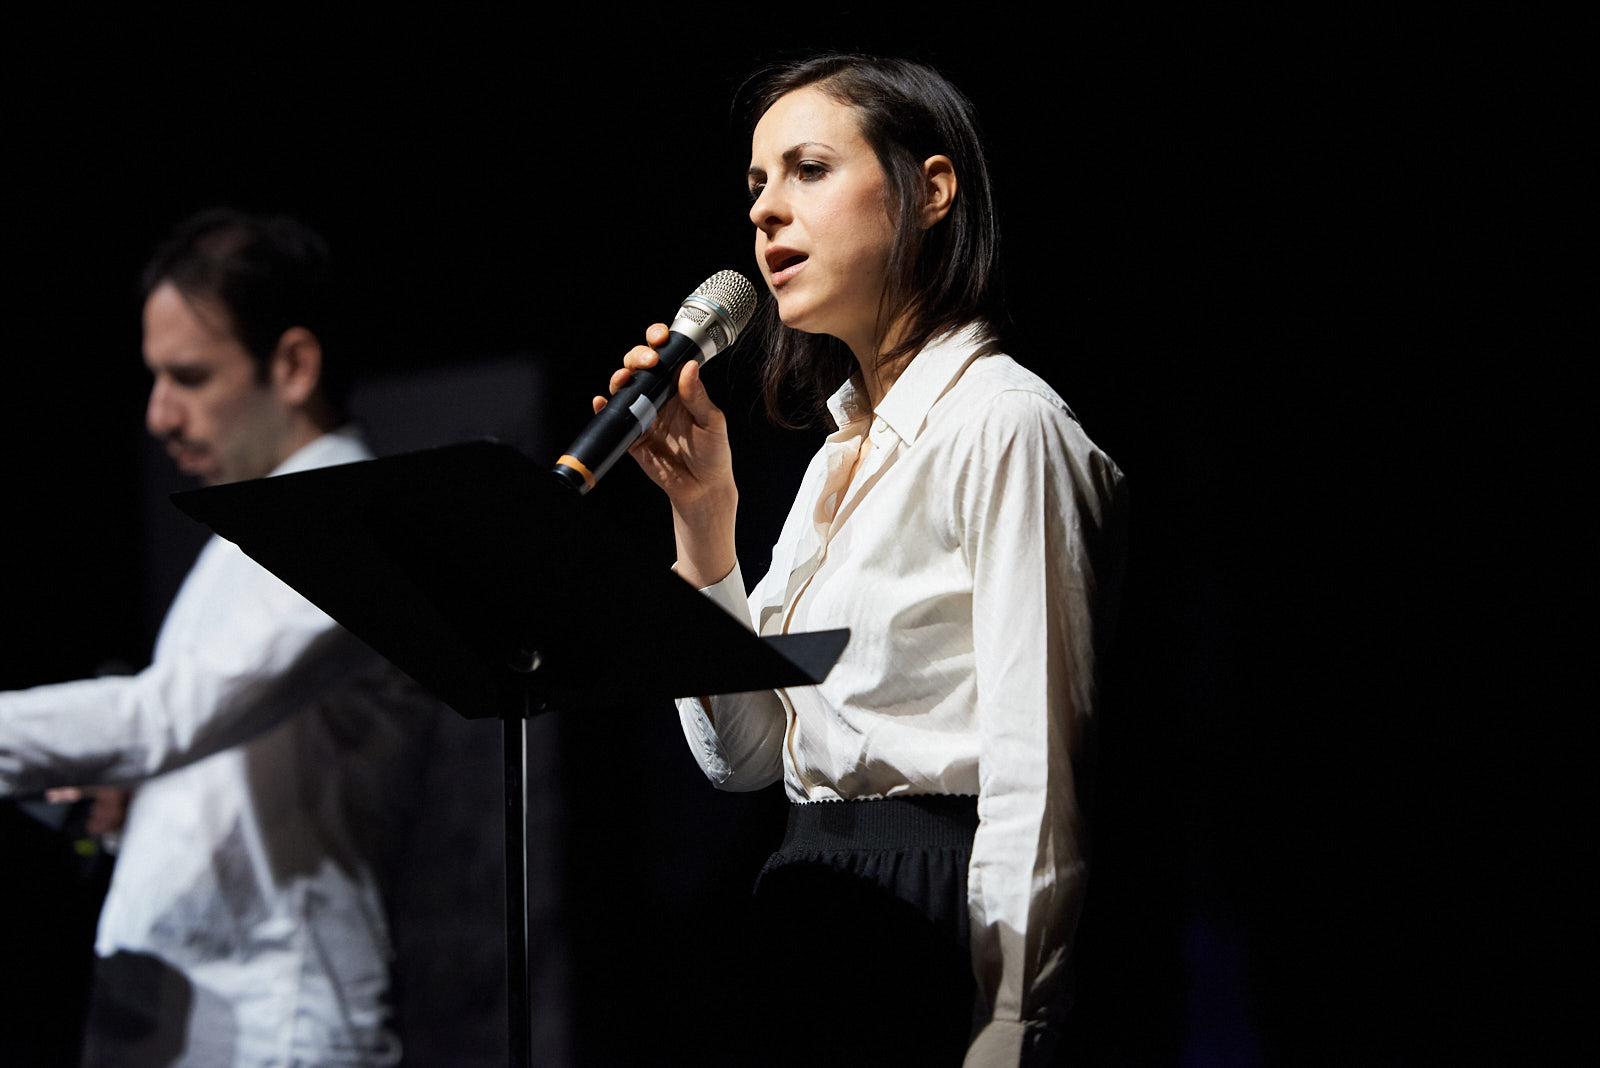 Livia Castiglioni